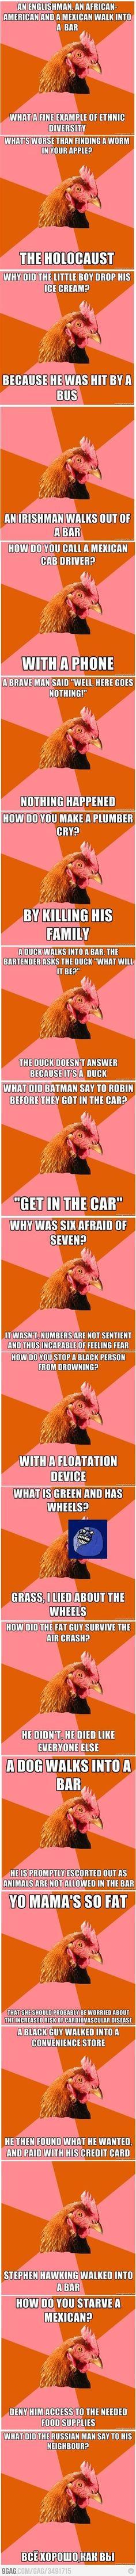 Joke chicken anti